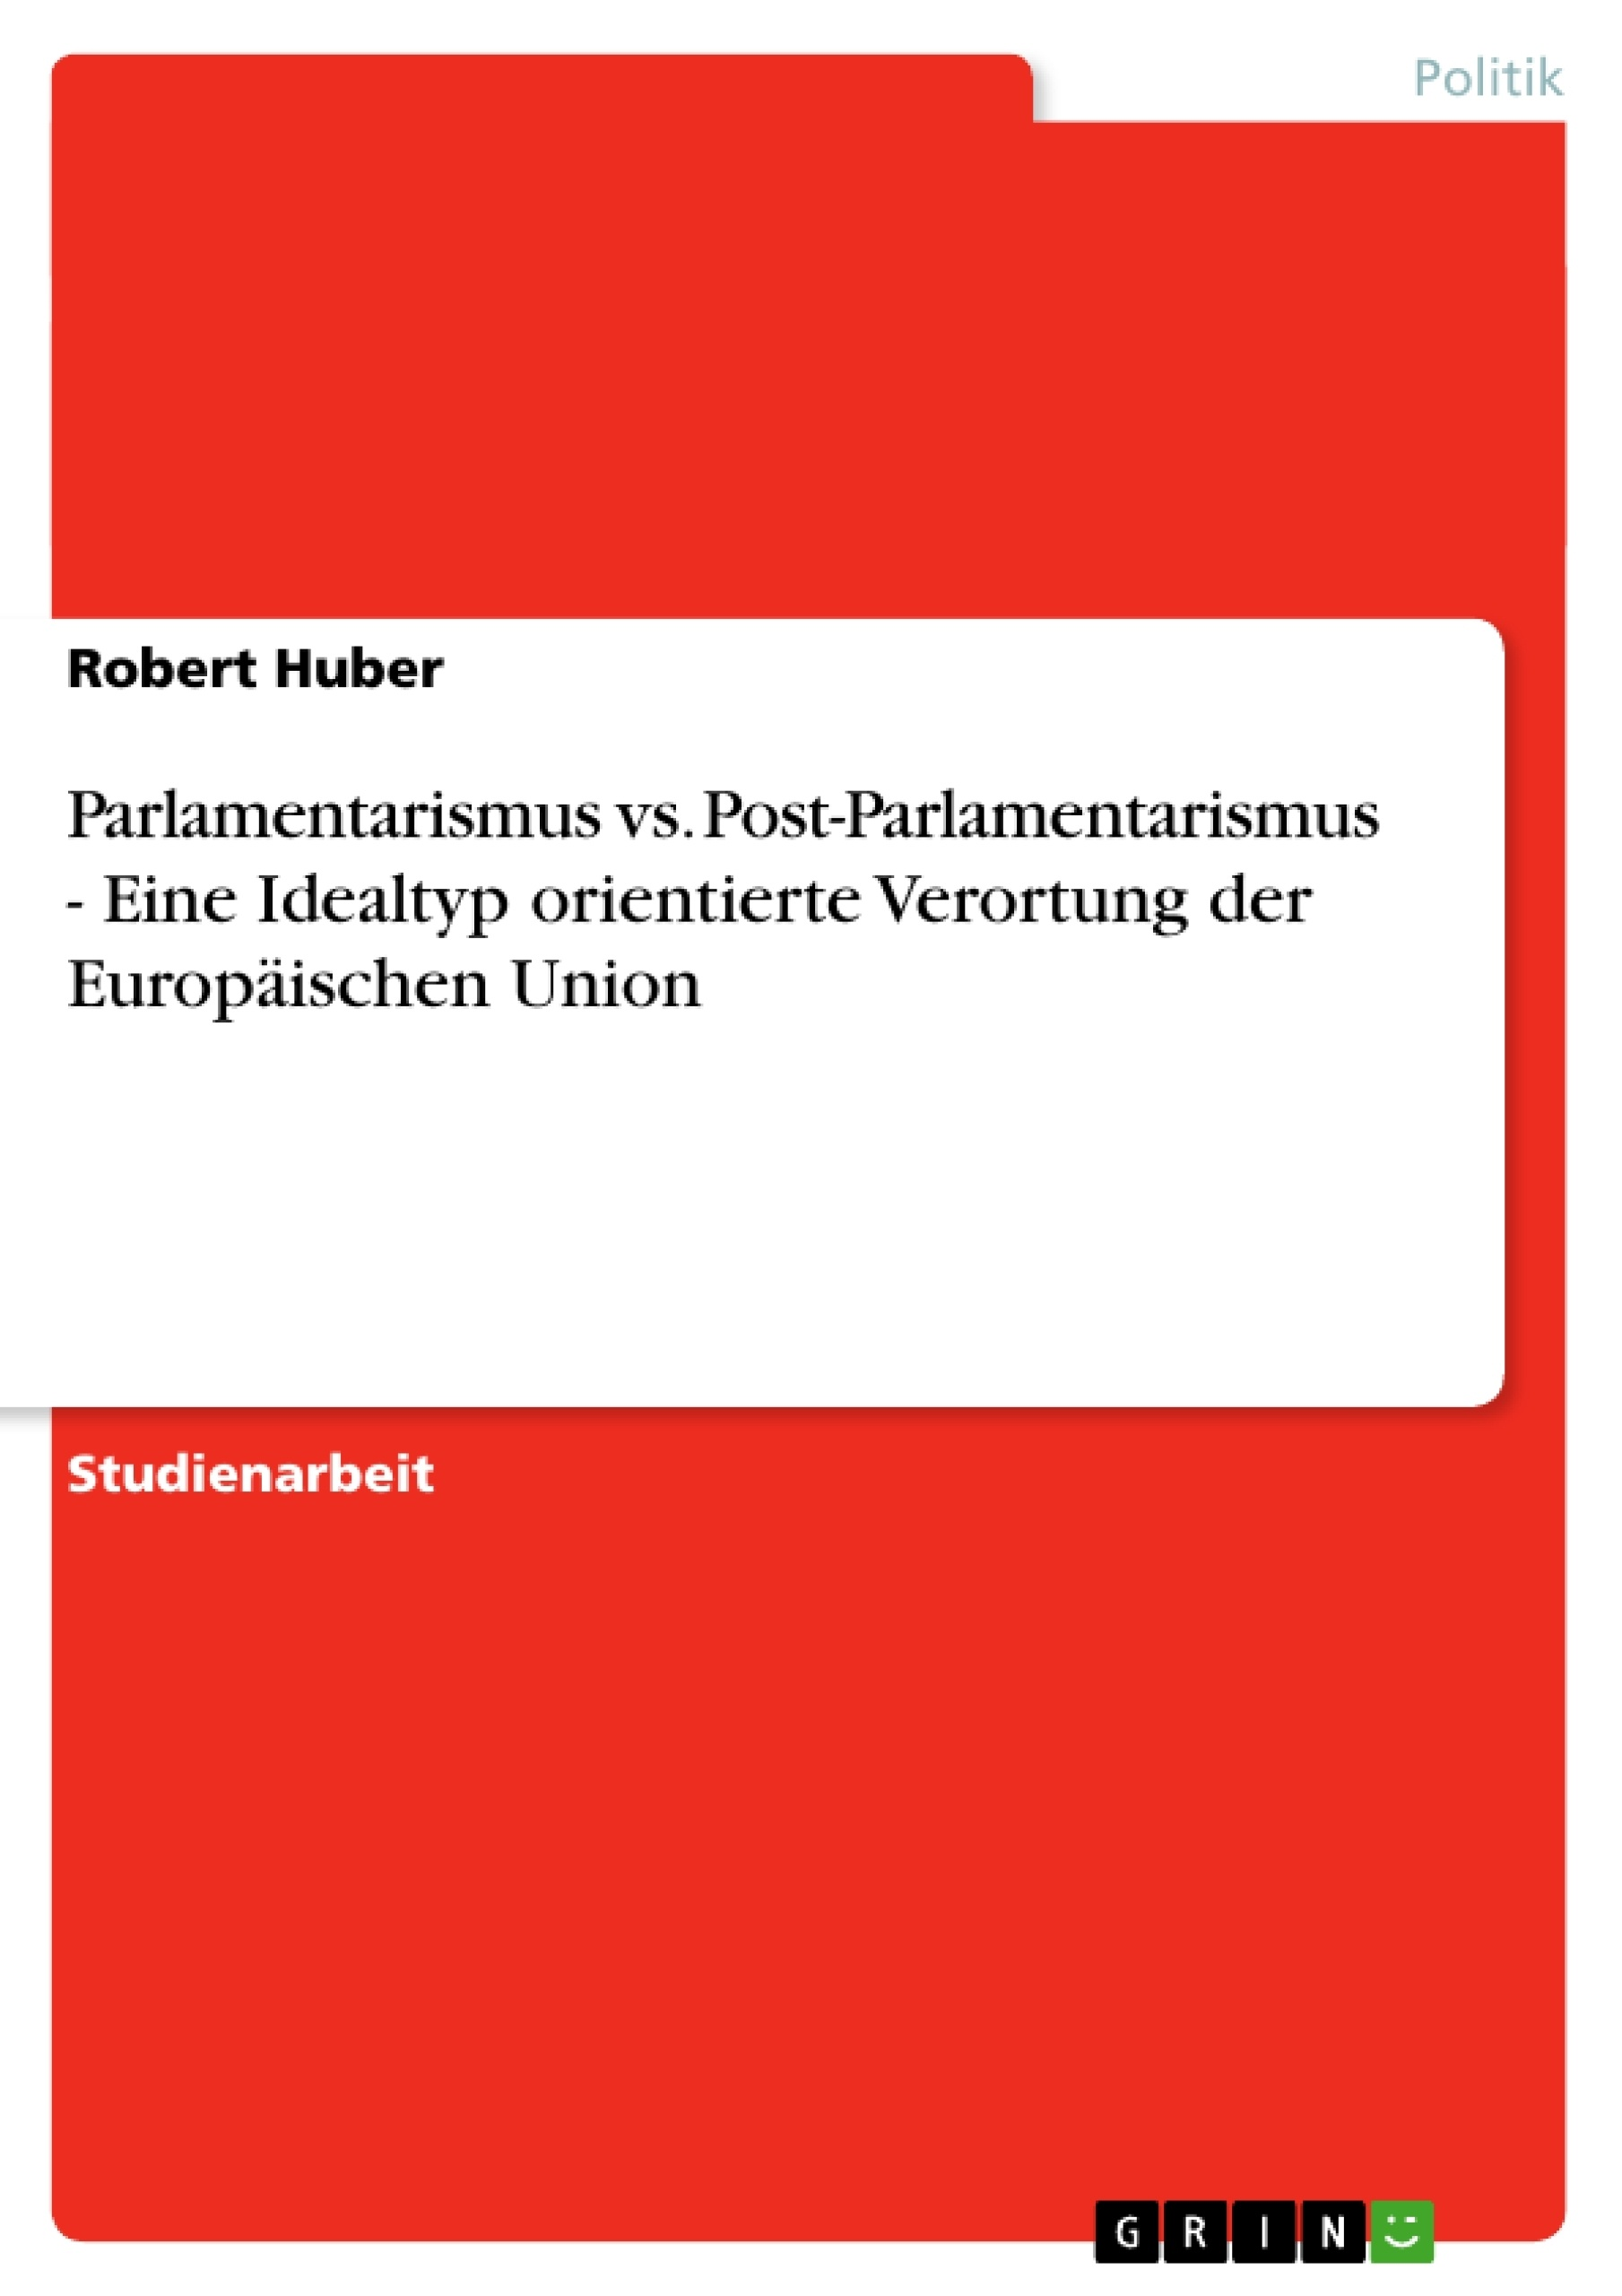 Titel: Parlamentarismus vs. Post-Parlamentarismus - Eine Idealtyp orientierte Verortung der Europäischen Union